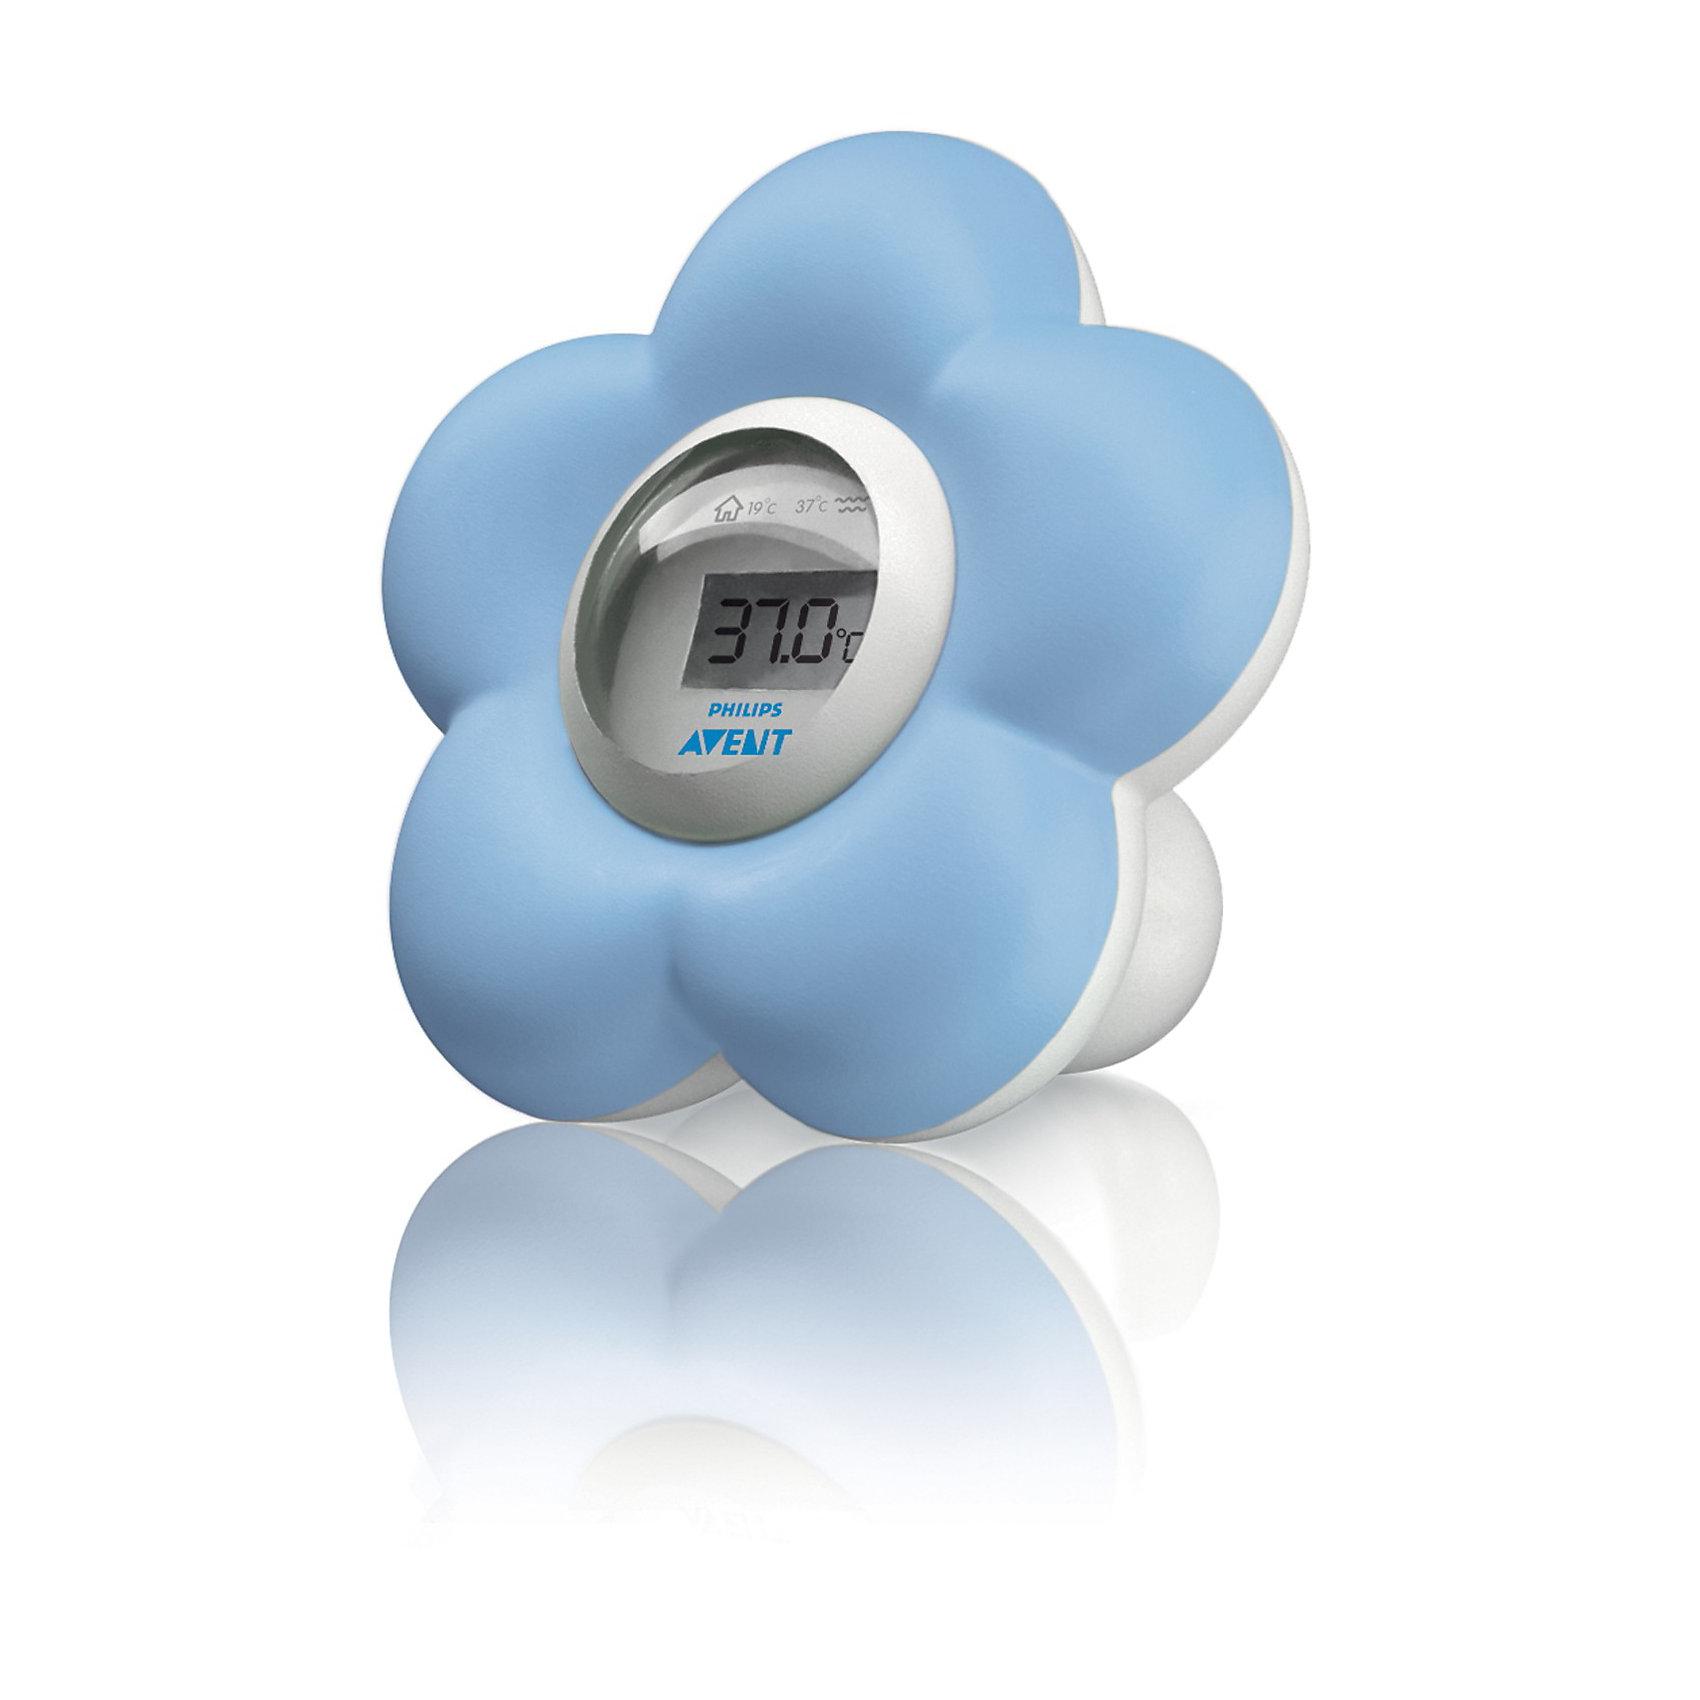 Цифровой термометр для воды и воздуха AVENTТермометры<br>С помощью привлекательного  и простого  в употреблении  термометра для ванной и помещений удобно контролировать температуру, как  в детской, так и в ванной. Кроме того, исследования доказали абсолютную безопасность данного прибора, который можно использовать как игрушку для ребенка в ванной. Термометр  постоянно готов к работе, просто опустите его в воду или поставьте на полку в комнате ребёнка.  <br><br>Дополнительная информация:<br>• Диапазон температур для работы: 10 - 45 °C<br>•Точность: +/-1 °C<br>•Тип элемента питания: LR44<br>•Количество батарей: 2<br>•Съемный/ сменный: Да<br>•Руководство пользователя: Да<br><br>Кроме того, термометр может использоваться как игрушка для ванны – он испытан на безопасность в этом качестве, а также не тонет в воде.<br><br>Ширина мм: 80<br>Глубина мм: 80<br>Высота мм: 90<br>Вес г: 180<br>Возраст от месяцев: 0<br>Возраст до месяцев: 24<br>Пол: Унисекс<br>Возраст: Детский<br>SKU: 2174526